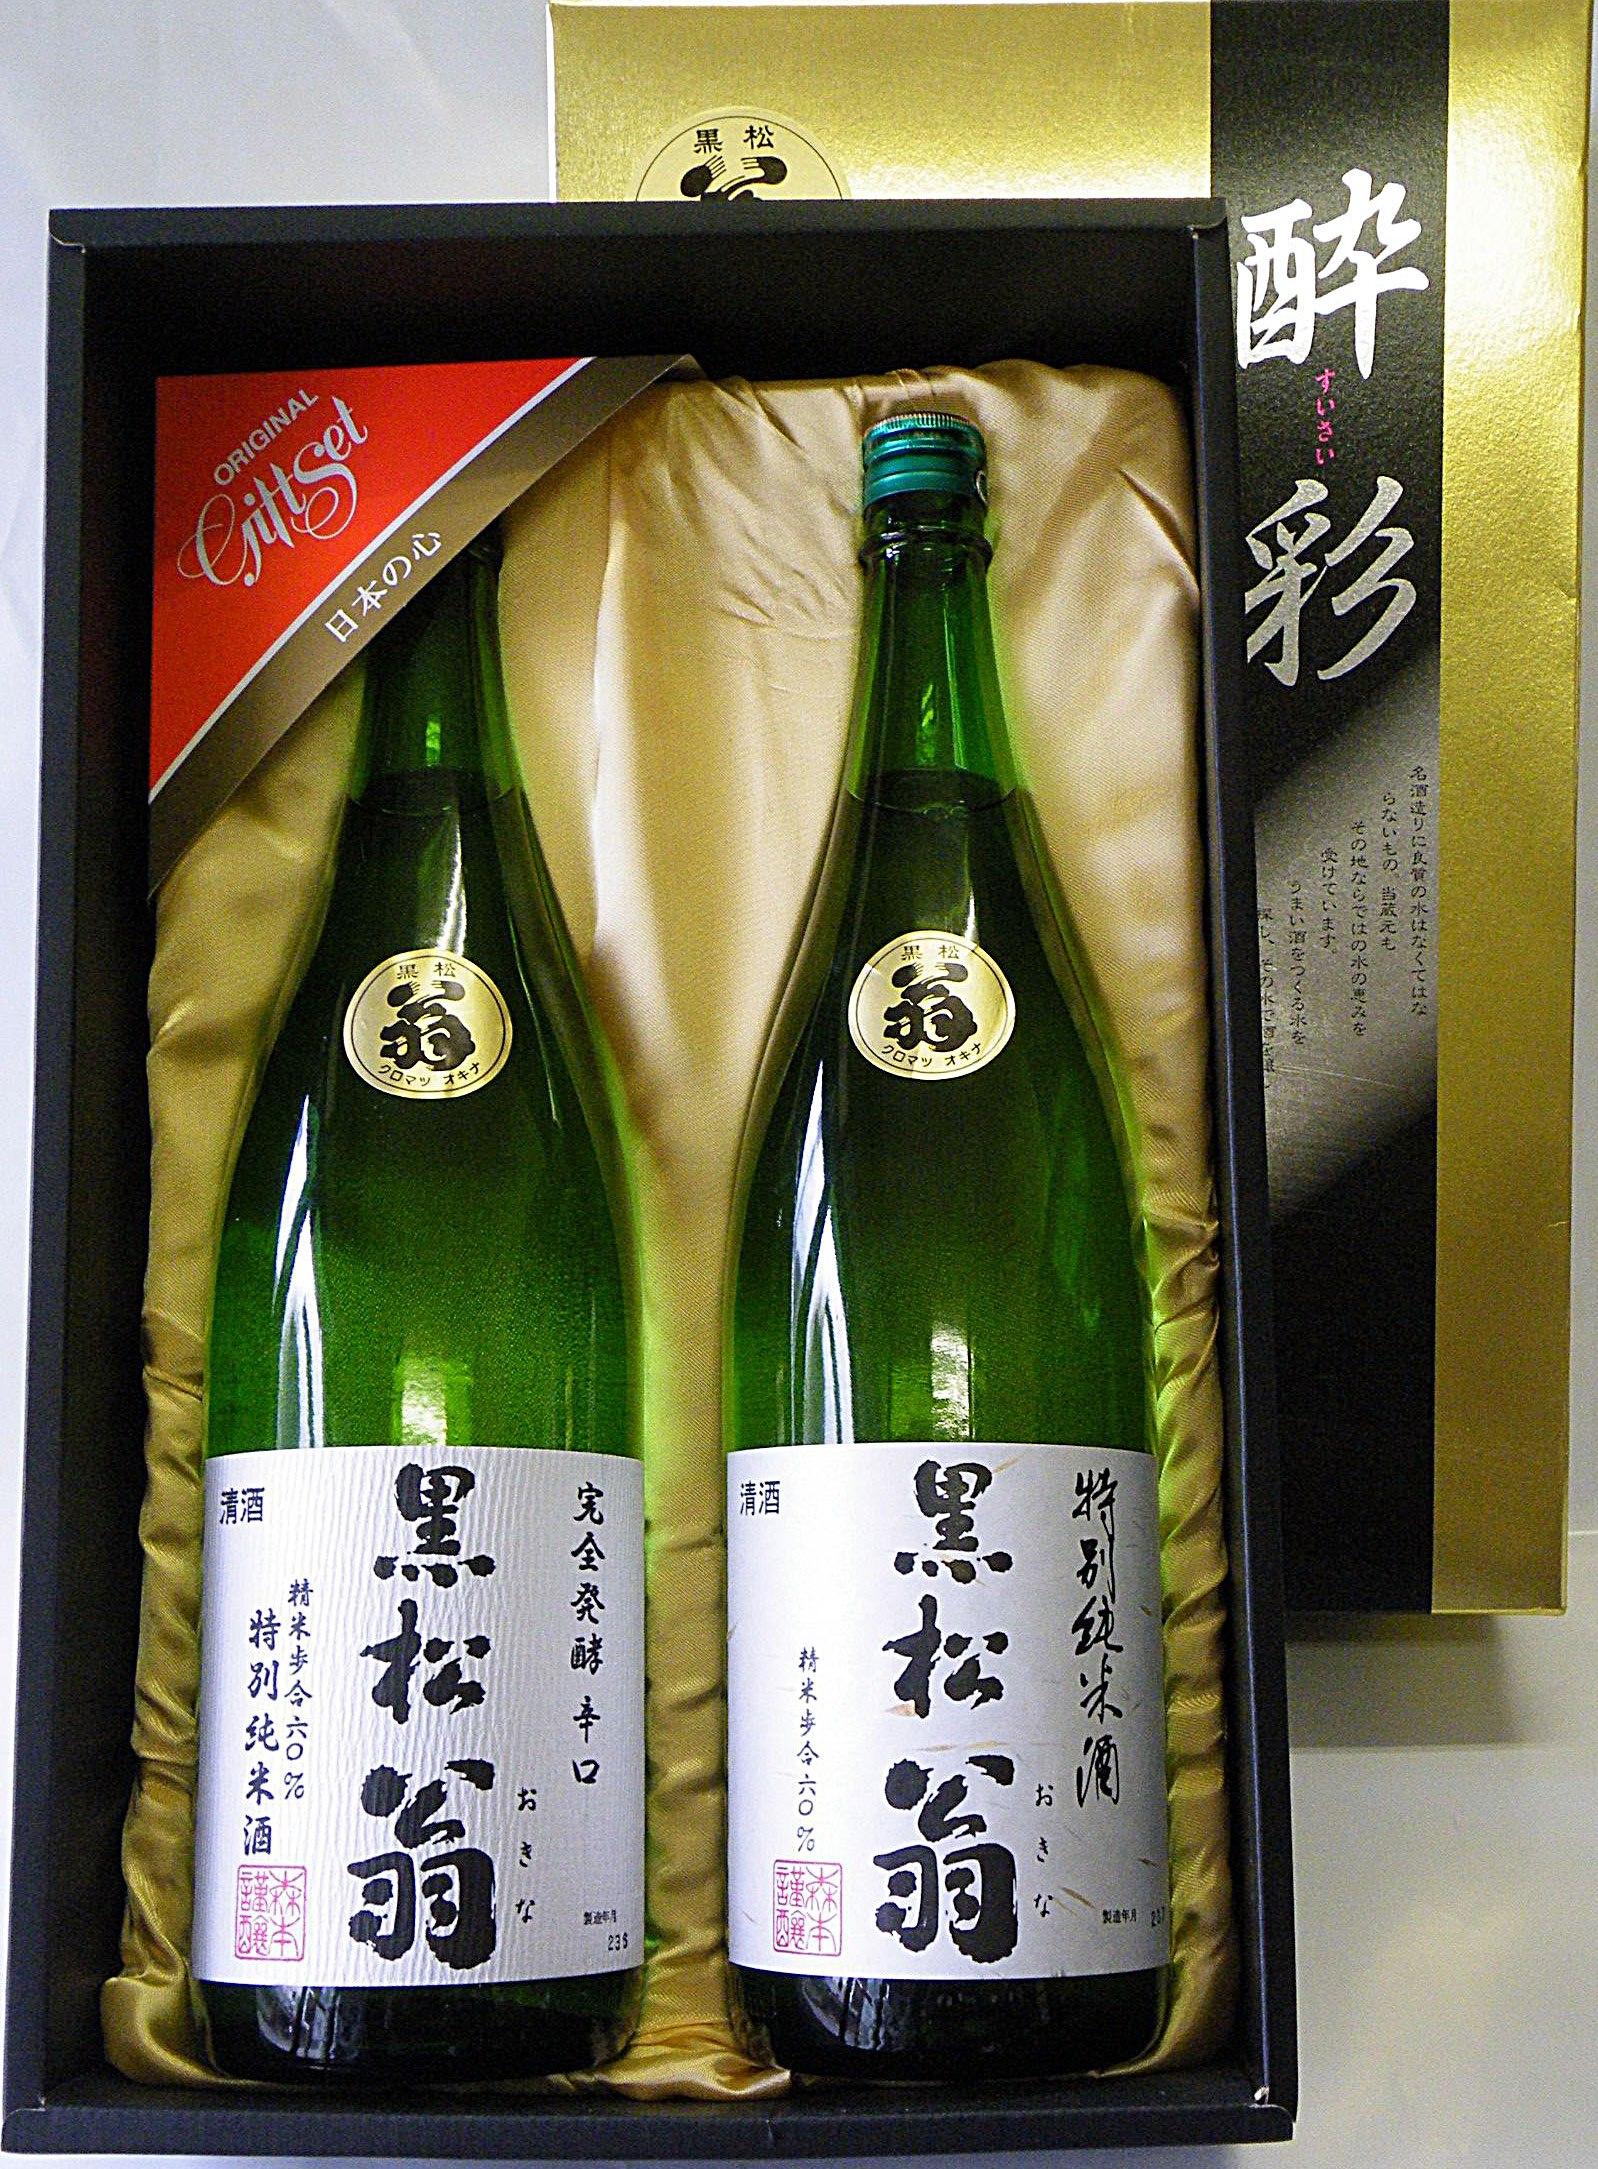 伊賀酒の旨味を味わえる 『特別純米酒セット』(箱付)